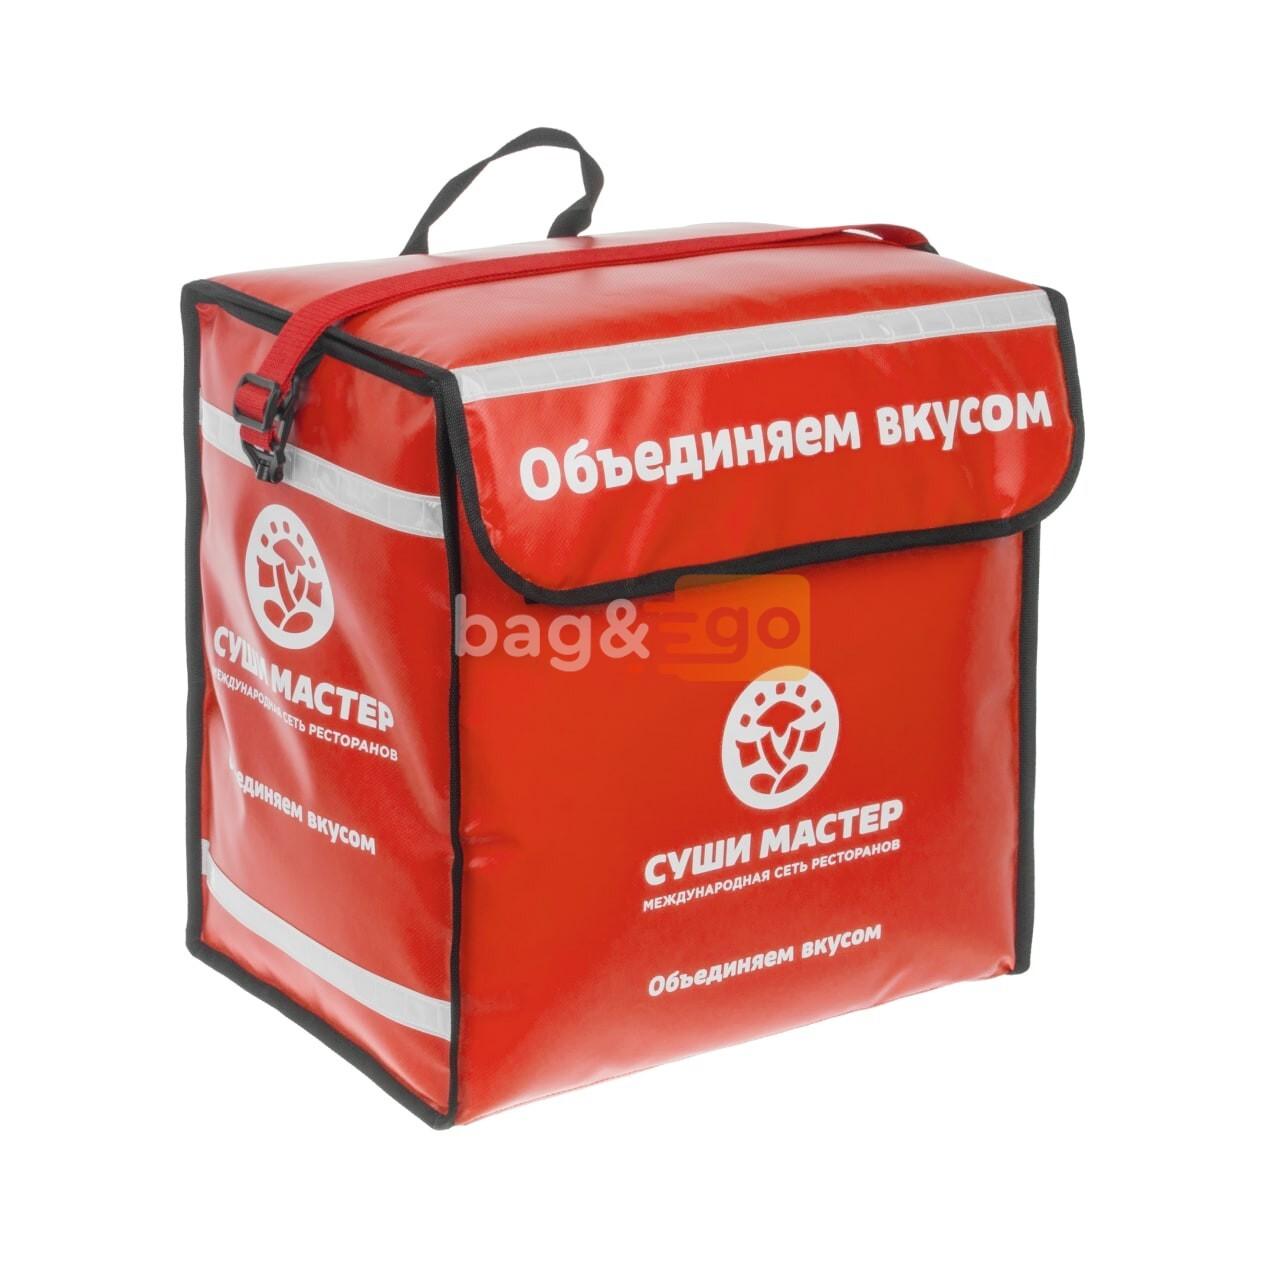 Термосумки в Москве — купить оптом и в розницу